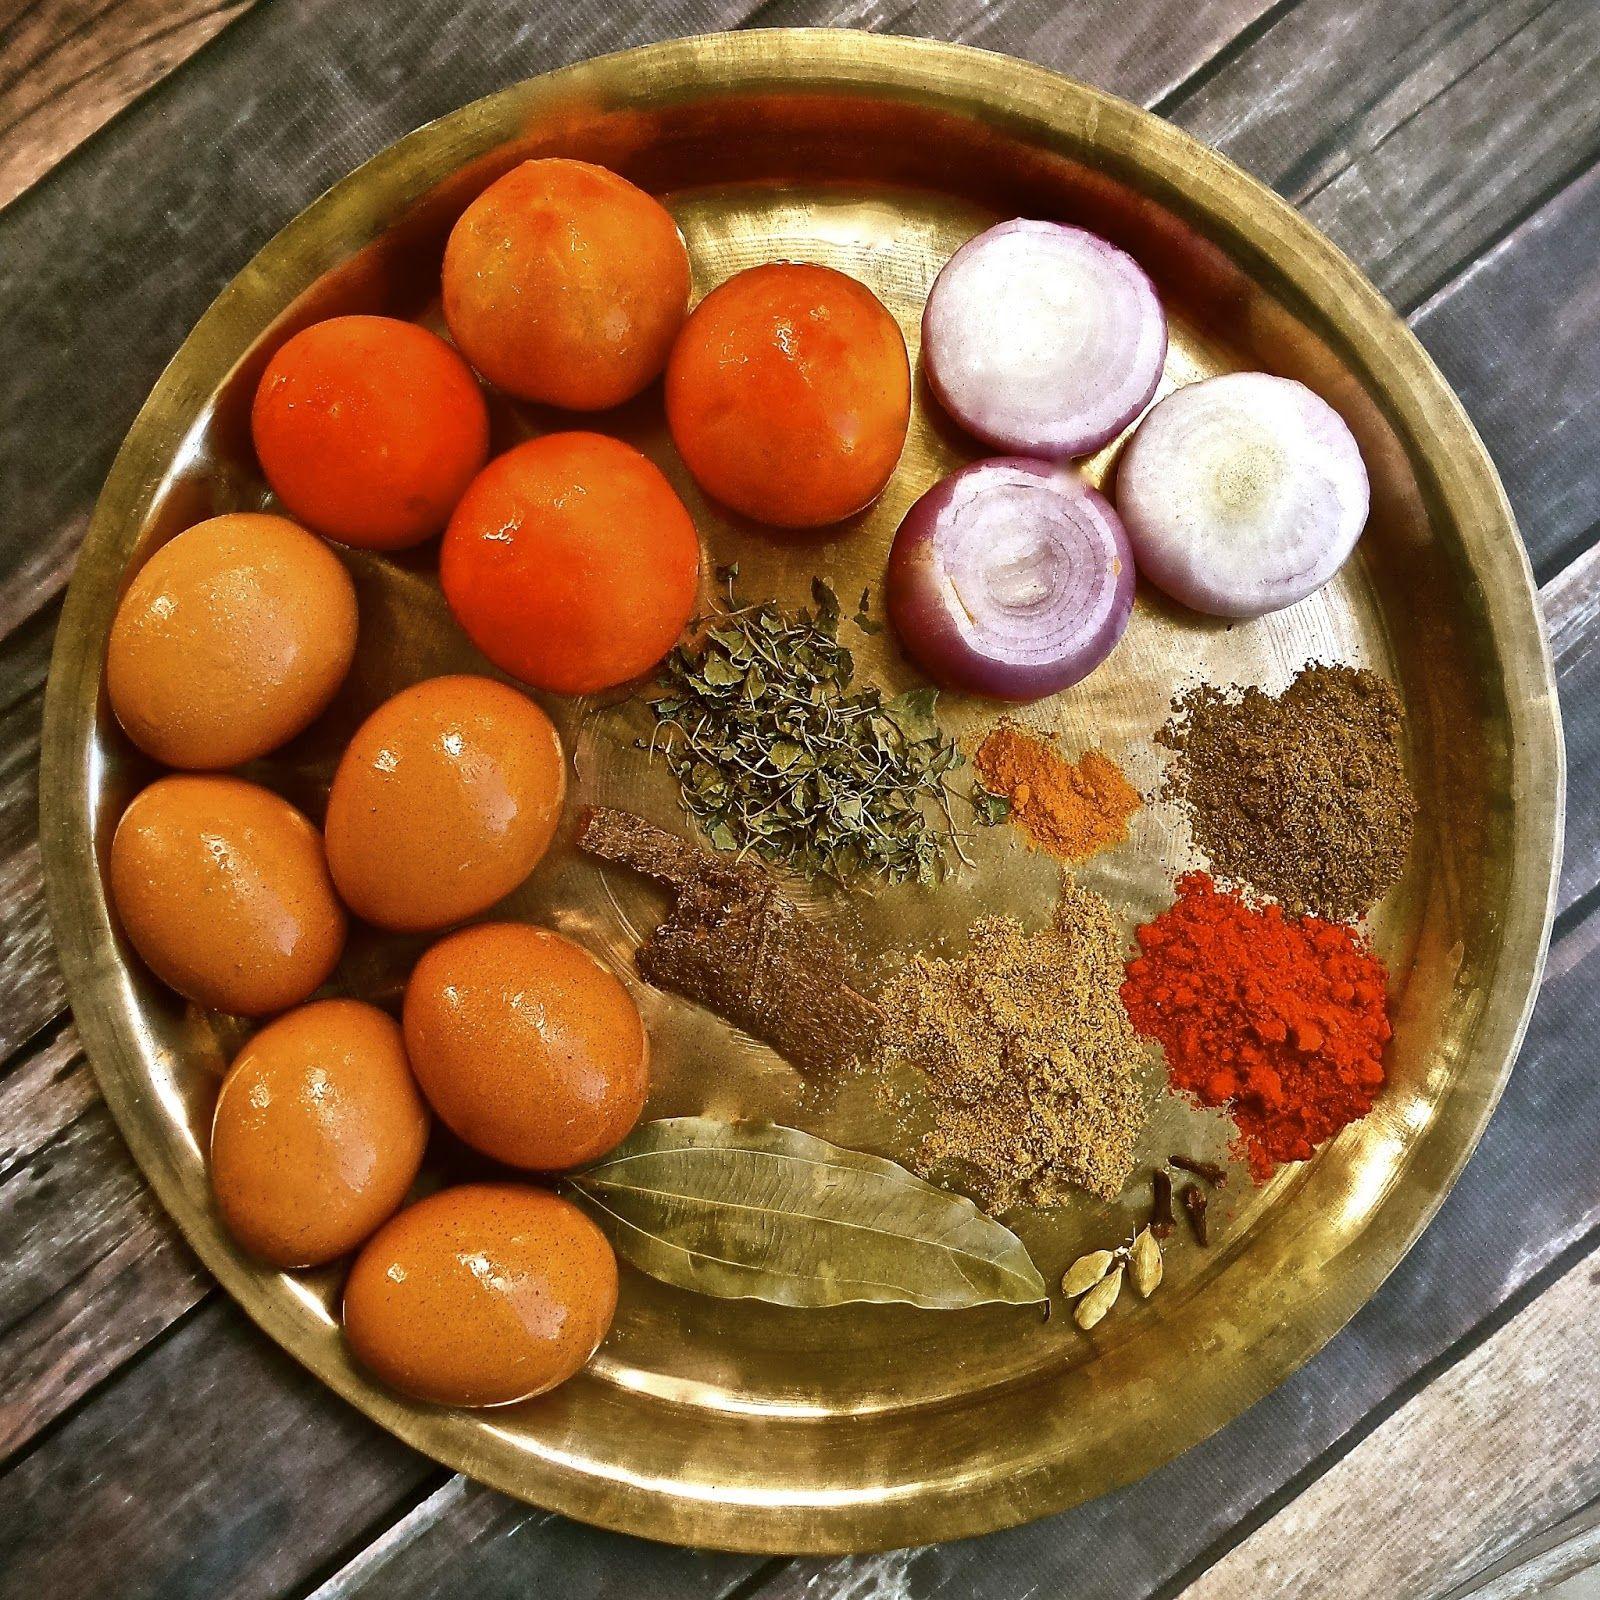 Punjabi dhaba style egg curry anda tomato curry boiled non veg punjabi dhaba style egg curry anda tomato curry boiled non veg forumfinder Choice Image